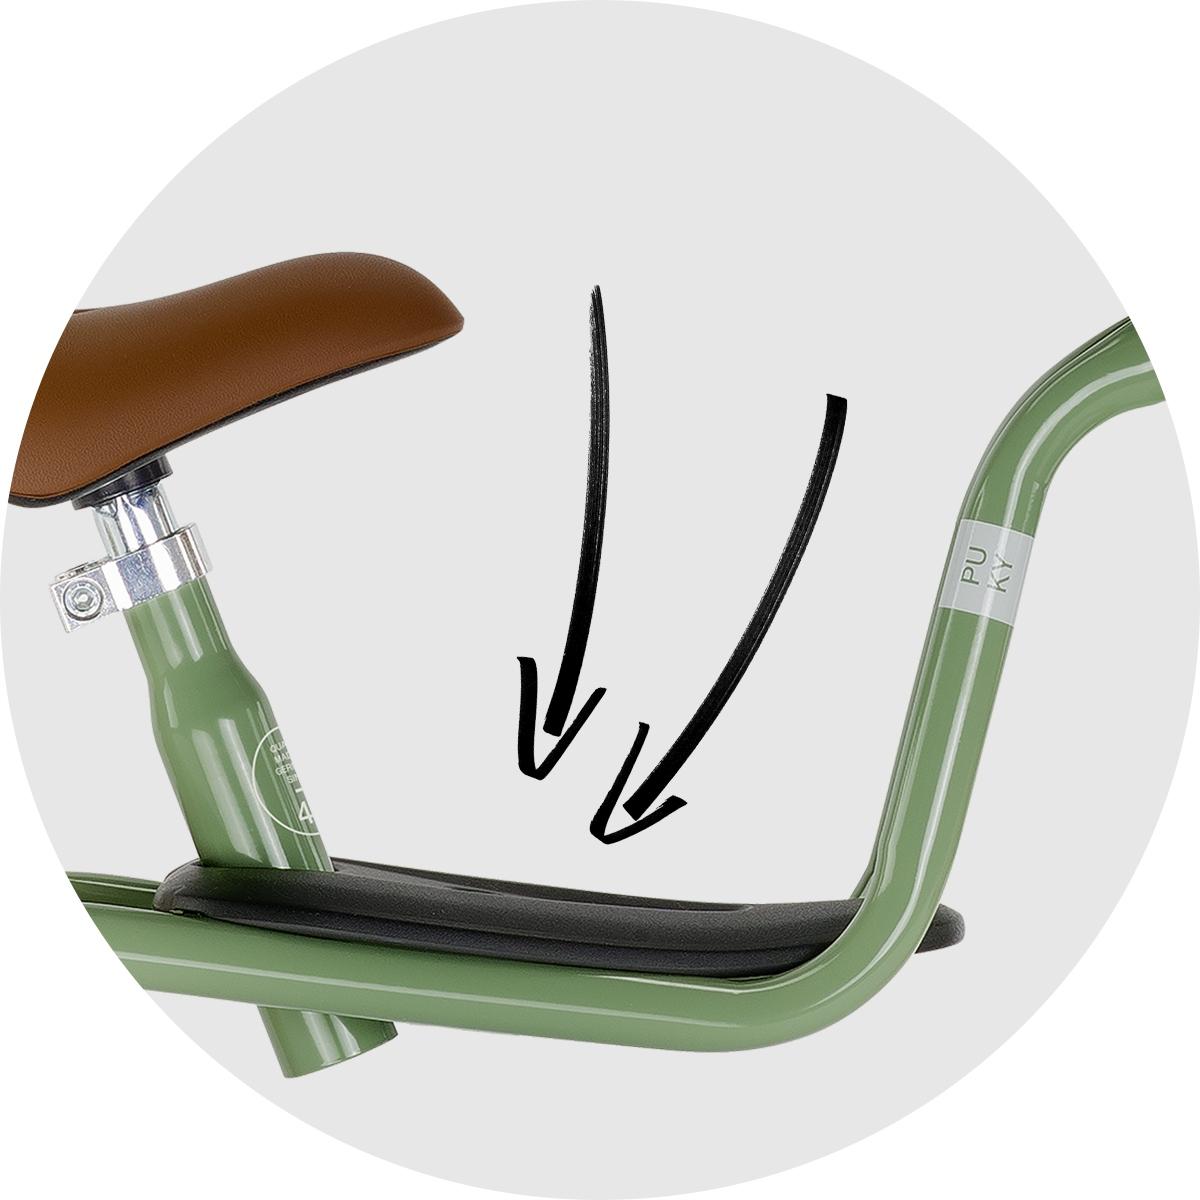 Rowerek biegowy PUKY LR M antracyt koszyk 3099 EAN 4015731030994